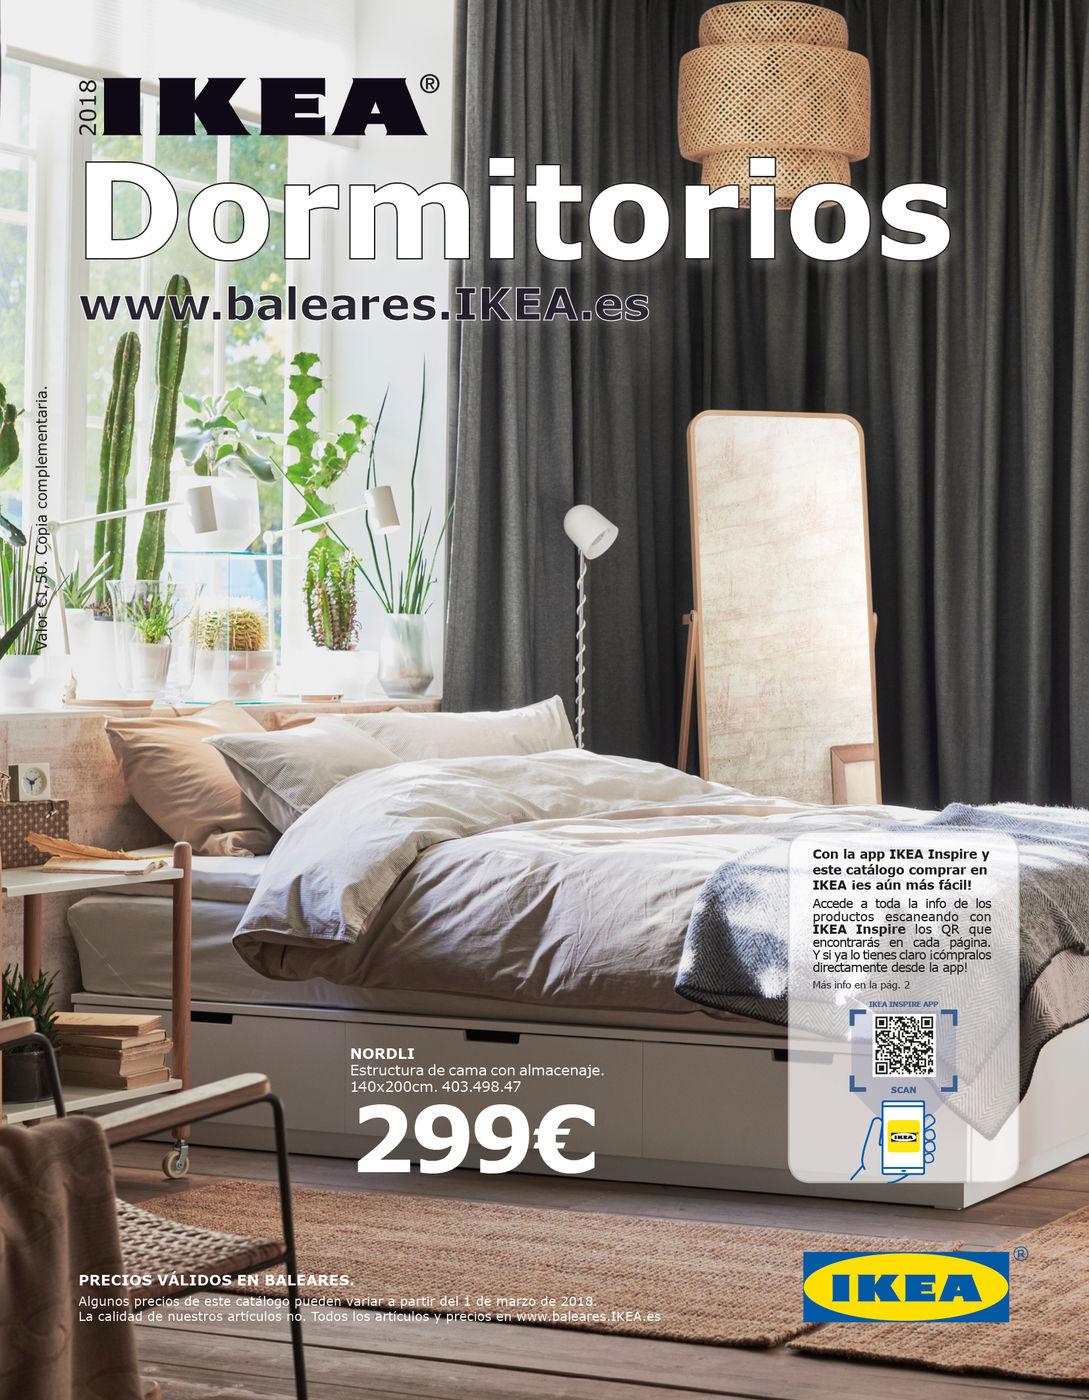 Baños ikea baños barakaldo : Catálogos IKEA 2018